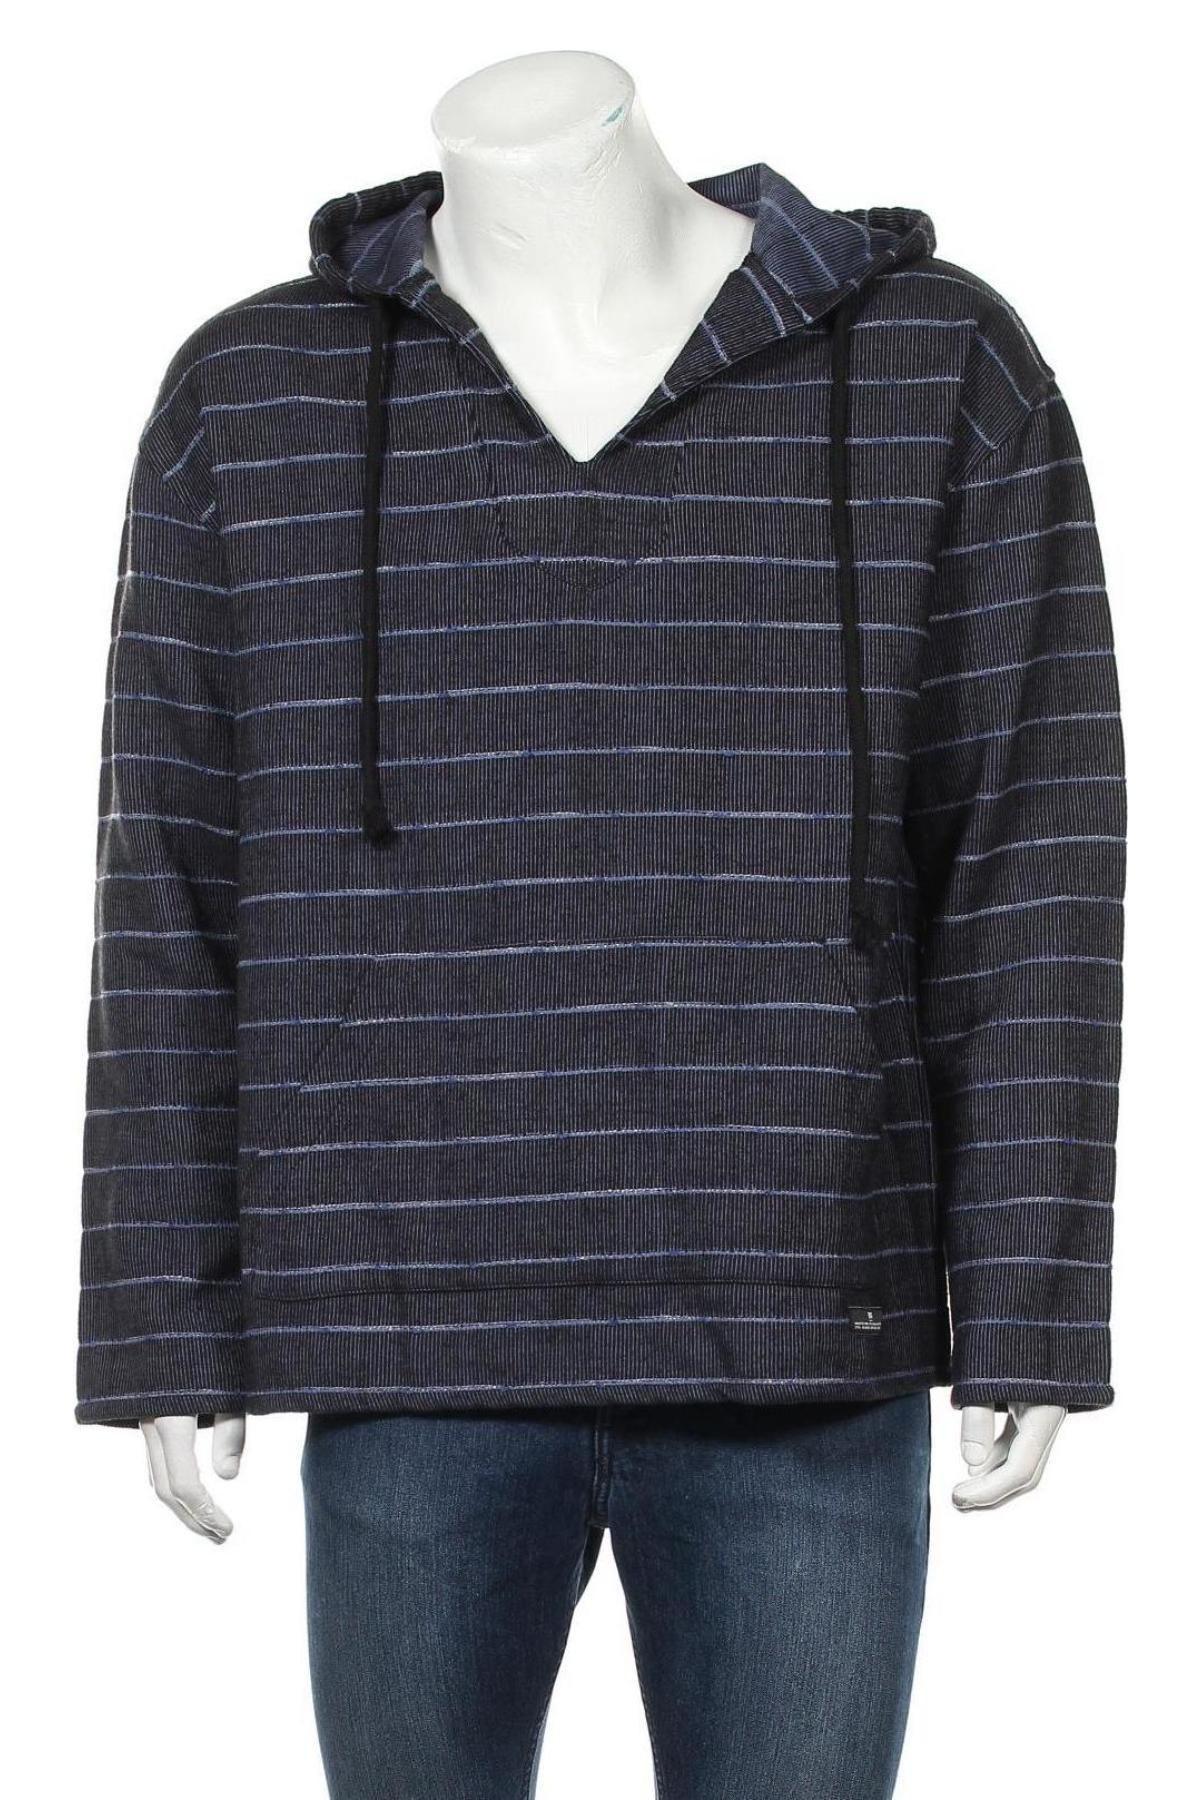 Hanorac de bărbați Urban Outfitters, Mărime M, Culoare Albastru, Preț 31,30 Lei